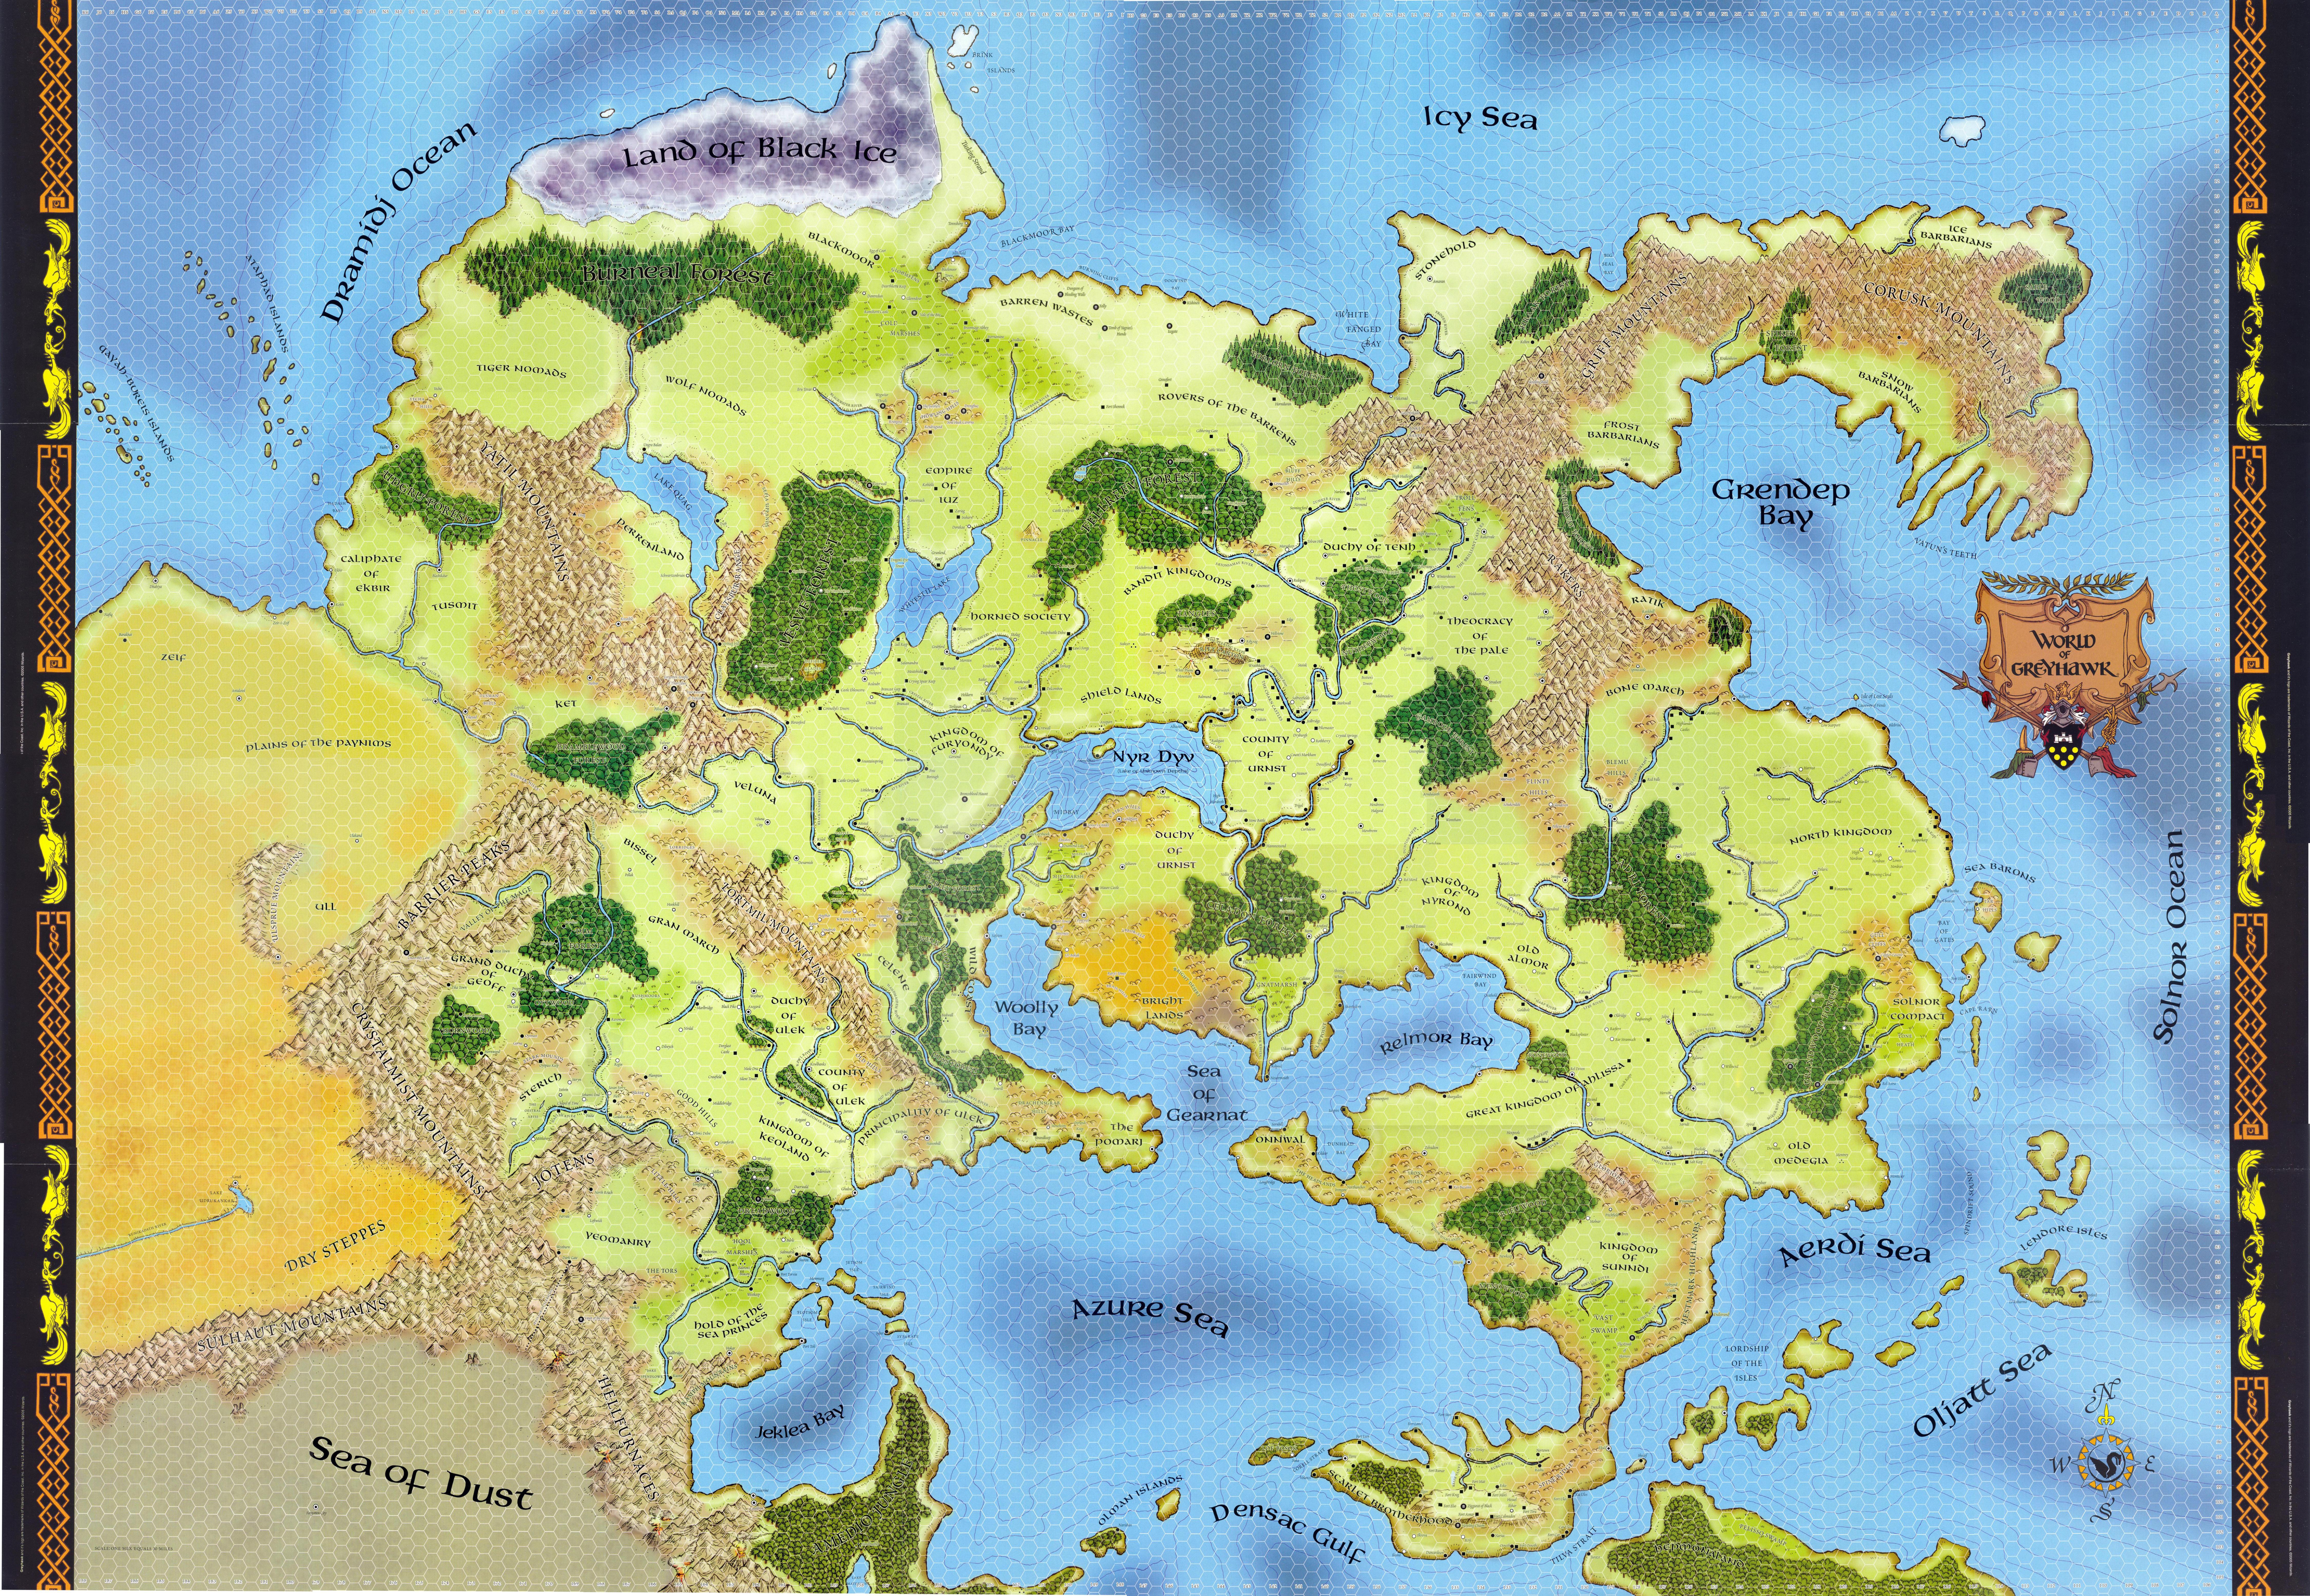 Original World of Greyhawk Map from D&D 1st edition [9000x6220 ...